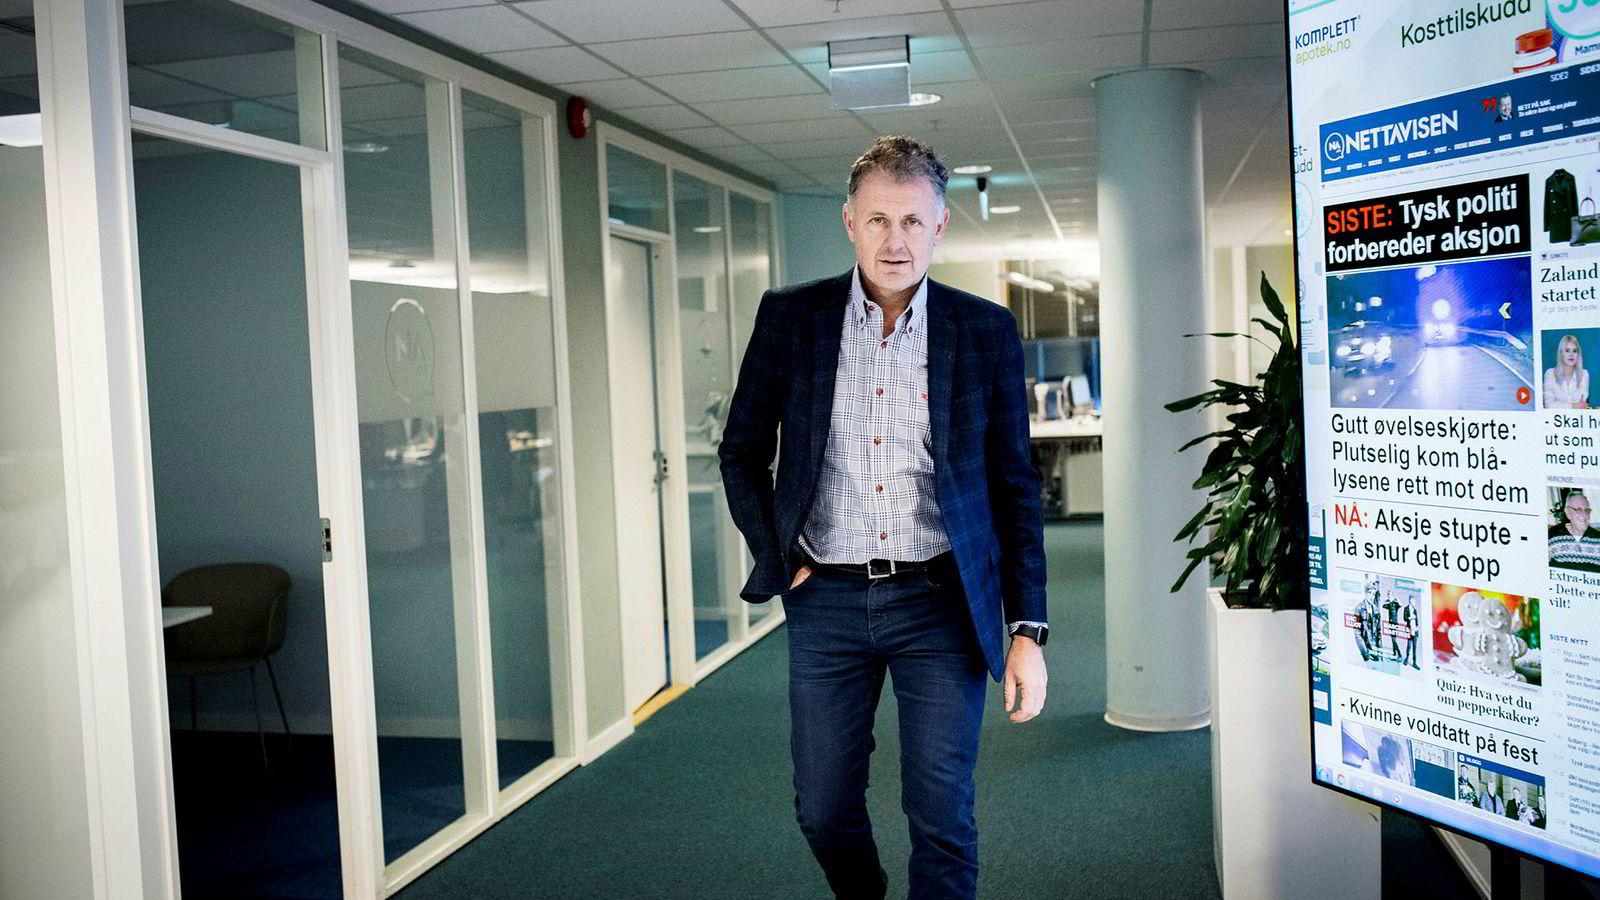 Gunnar Stavrum, ansvarlig redaktør i Nettavisen.